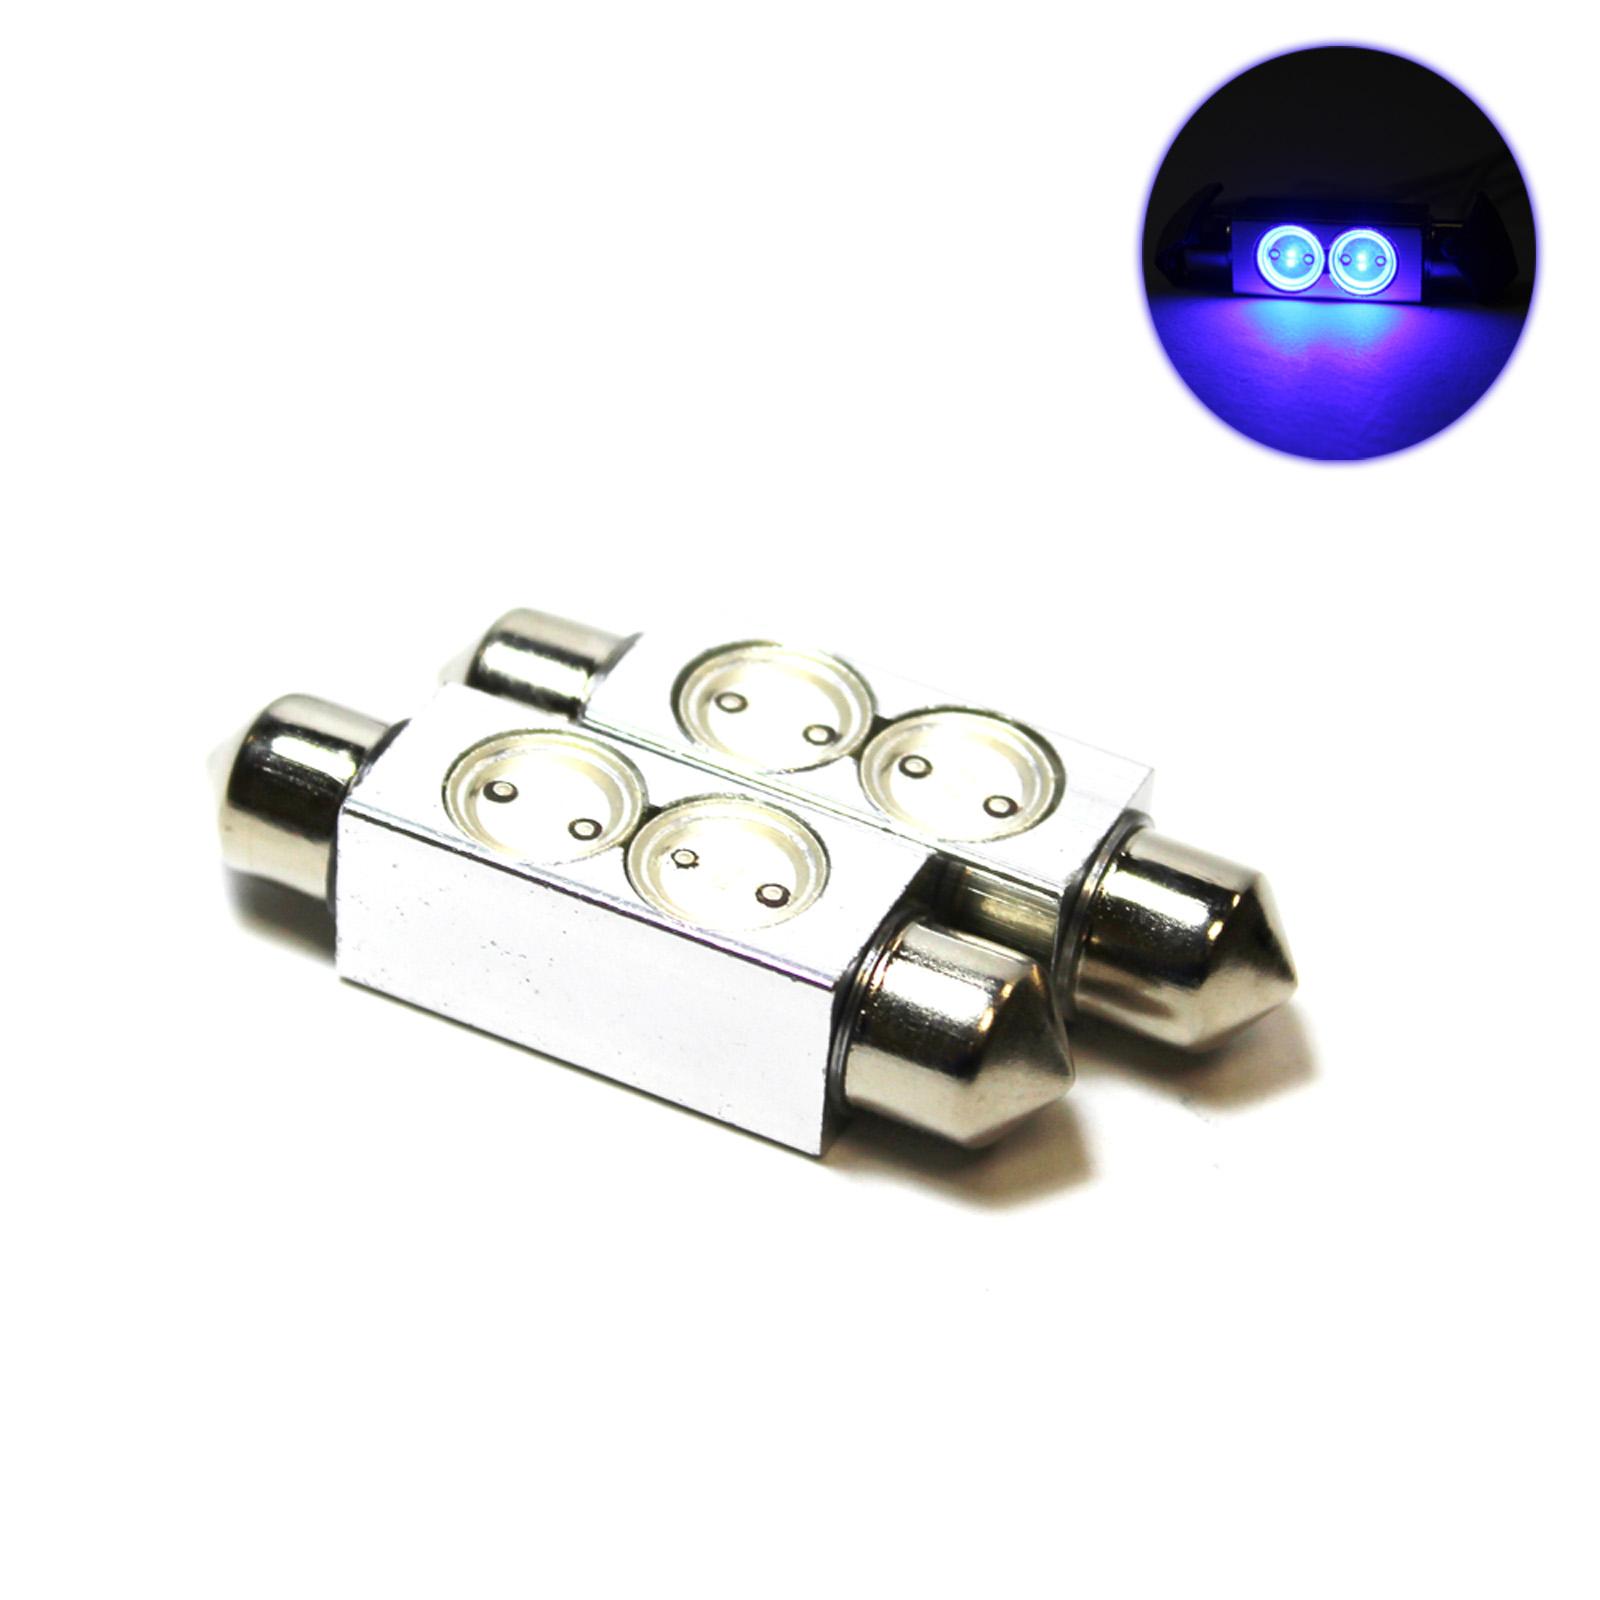 2x Blue Superlux Led Festoon 264 42mm 12v Interior Light Bulbs Ebay